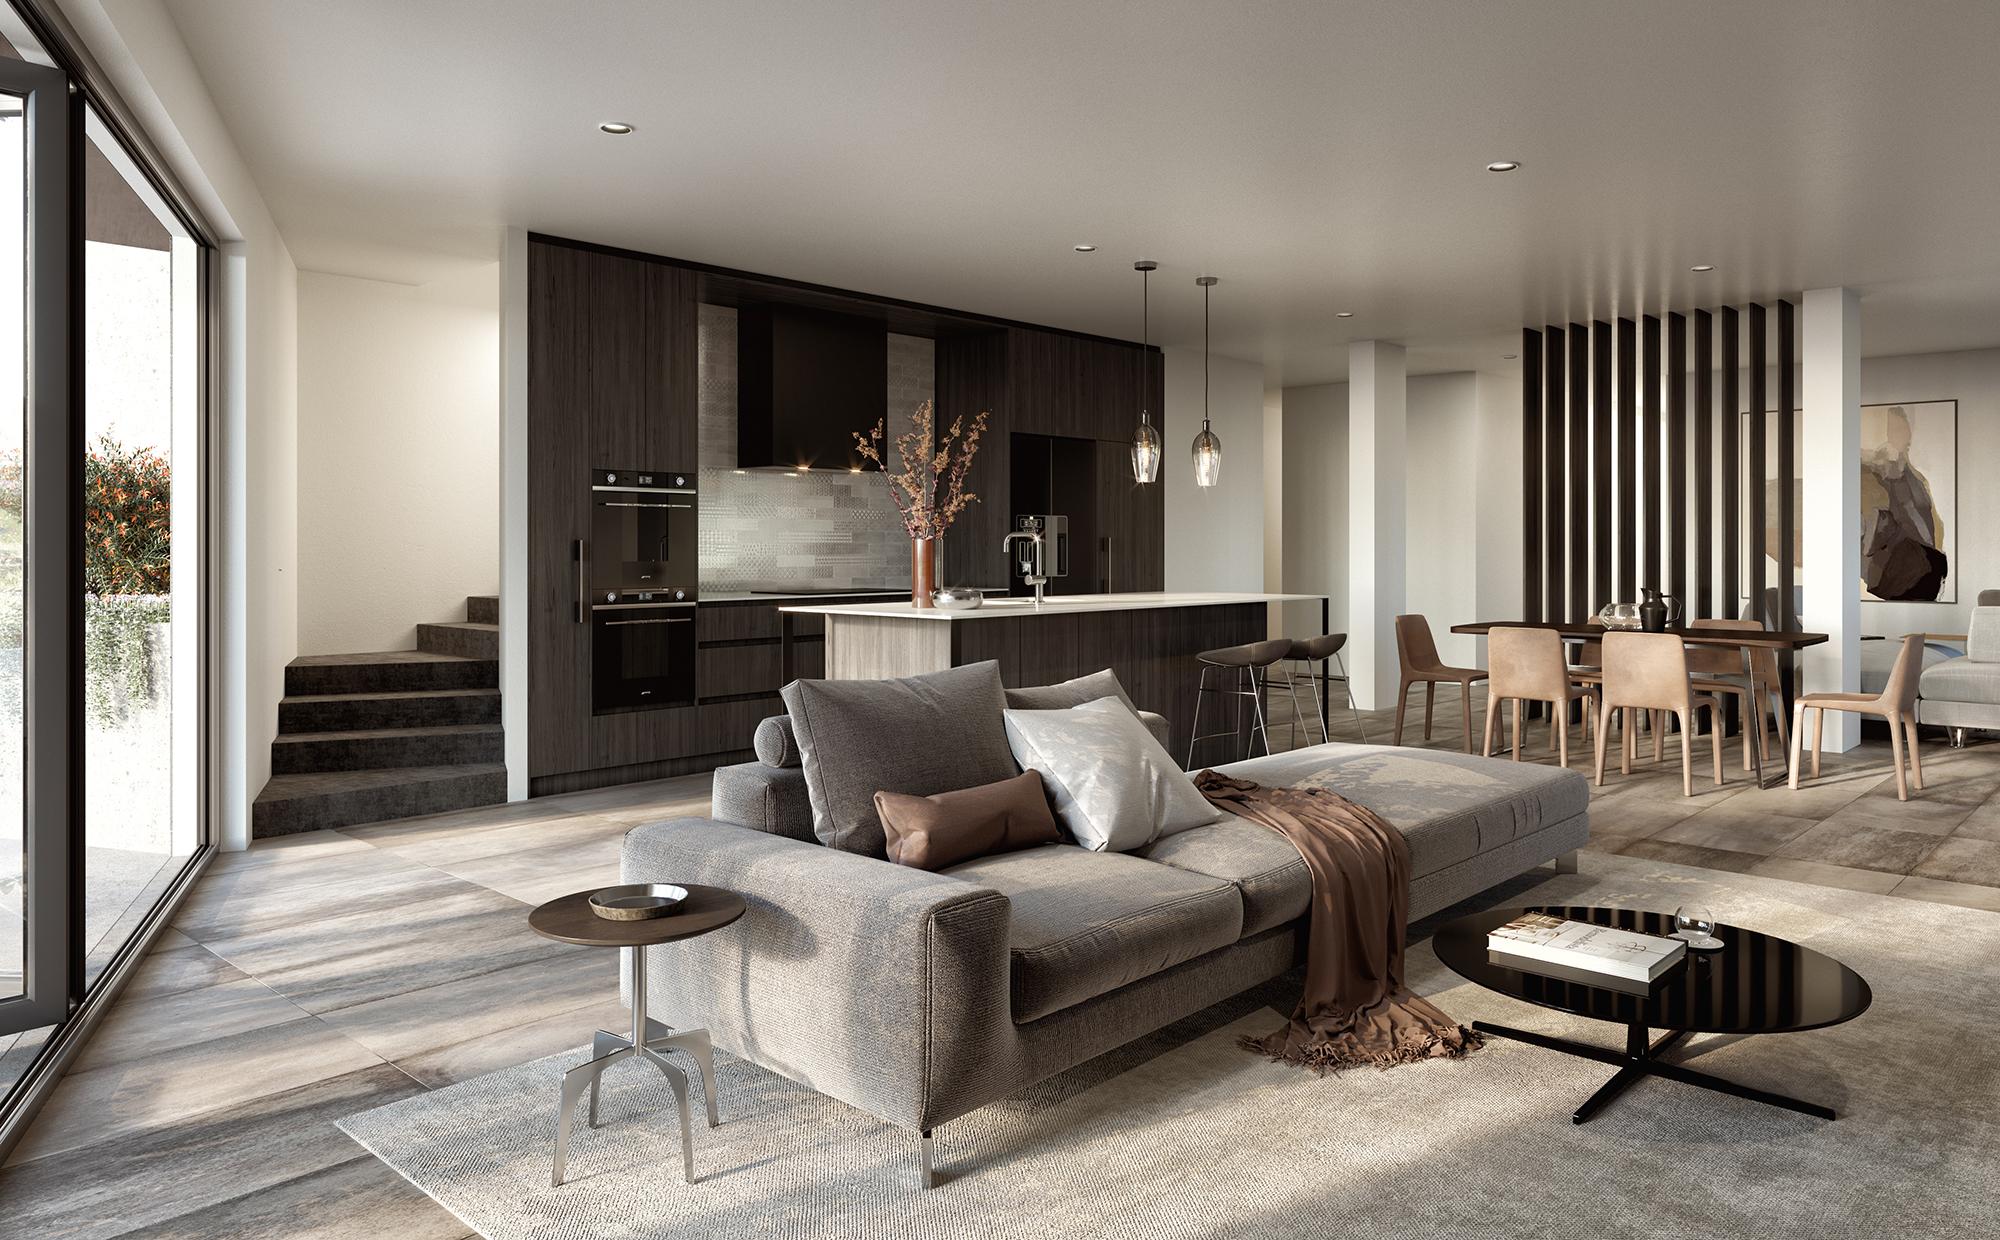 2DarambalSt_Interior01_Kitchen_Living_AltScheme.JPG